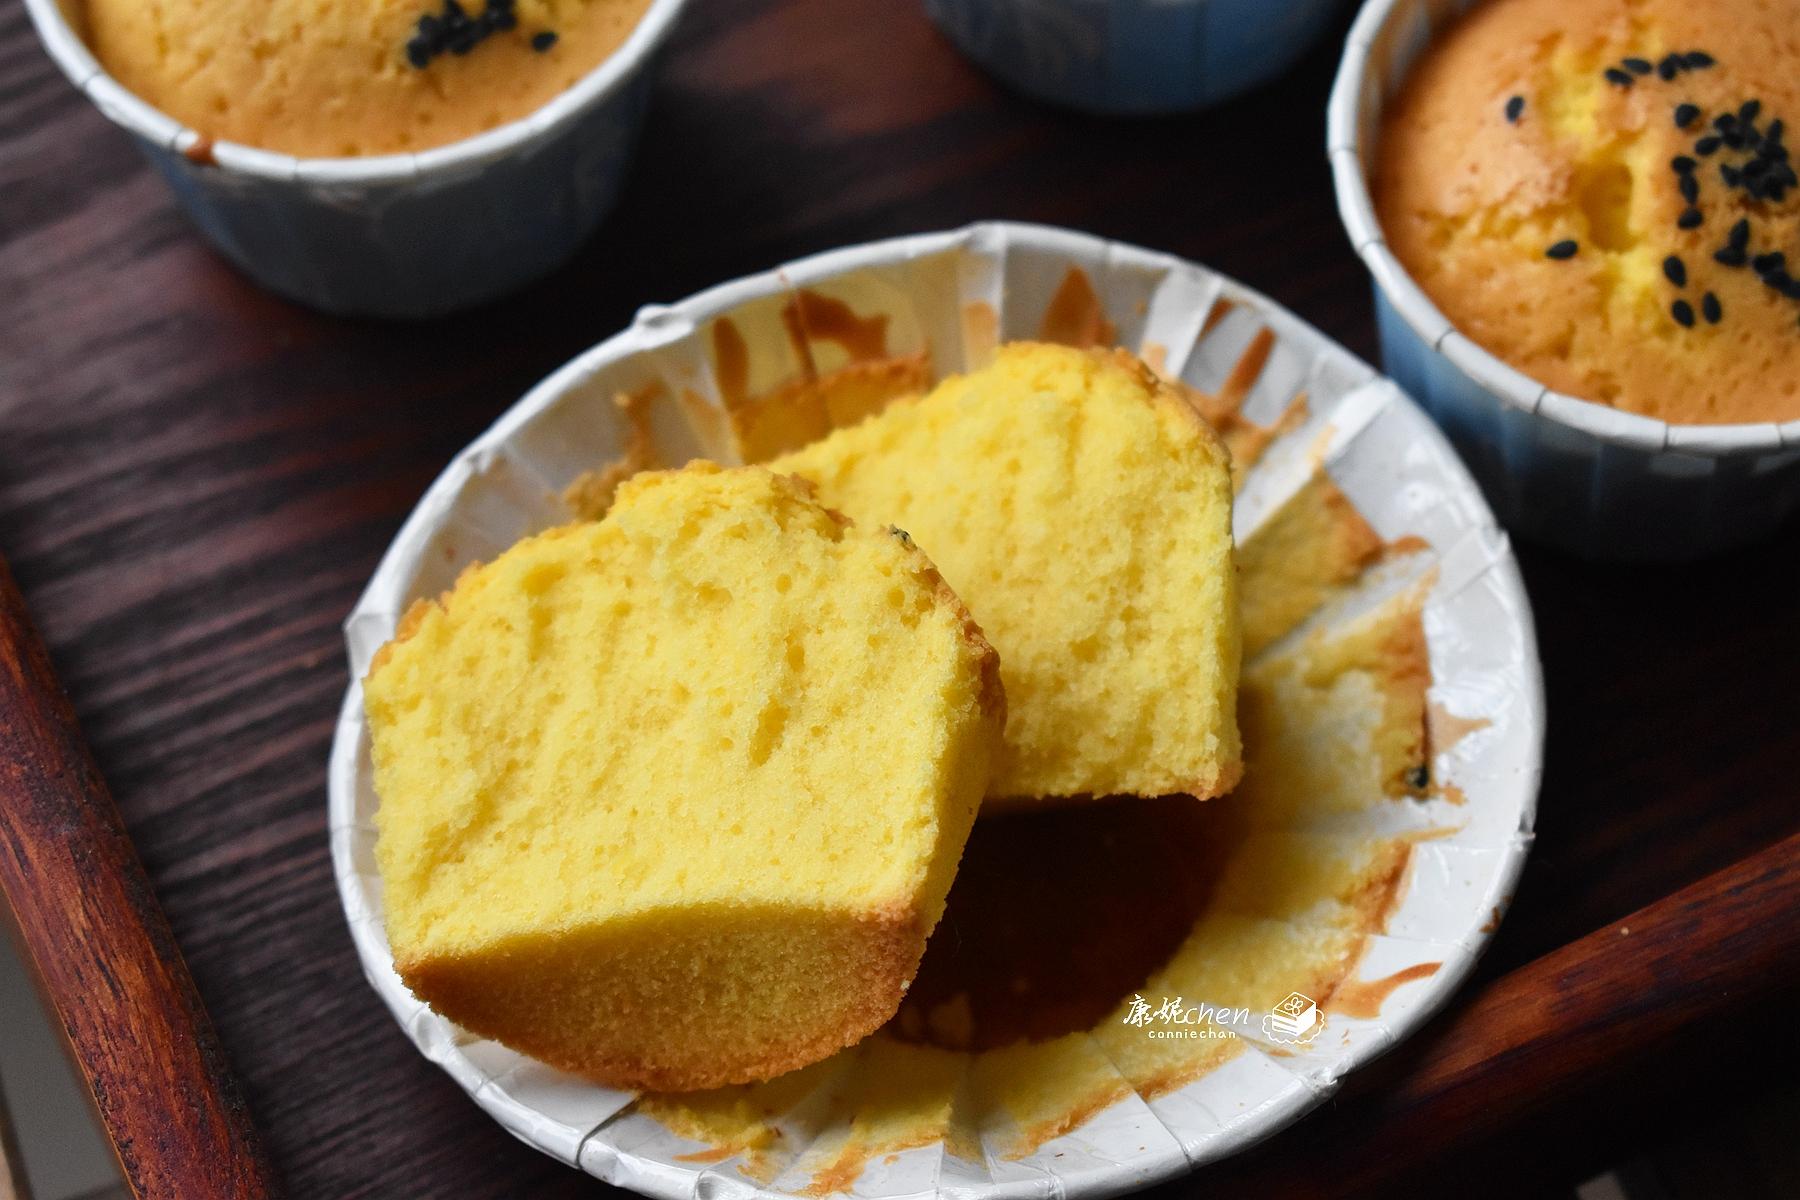 這蛋糕曾經風靡街頭,原來做法並不難,香甜細膩,再也不用買了